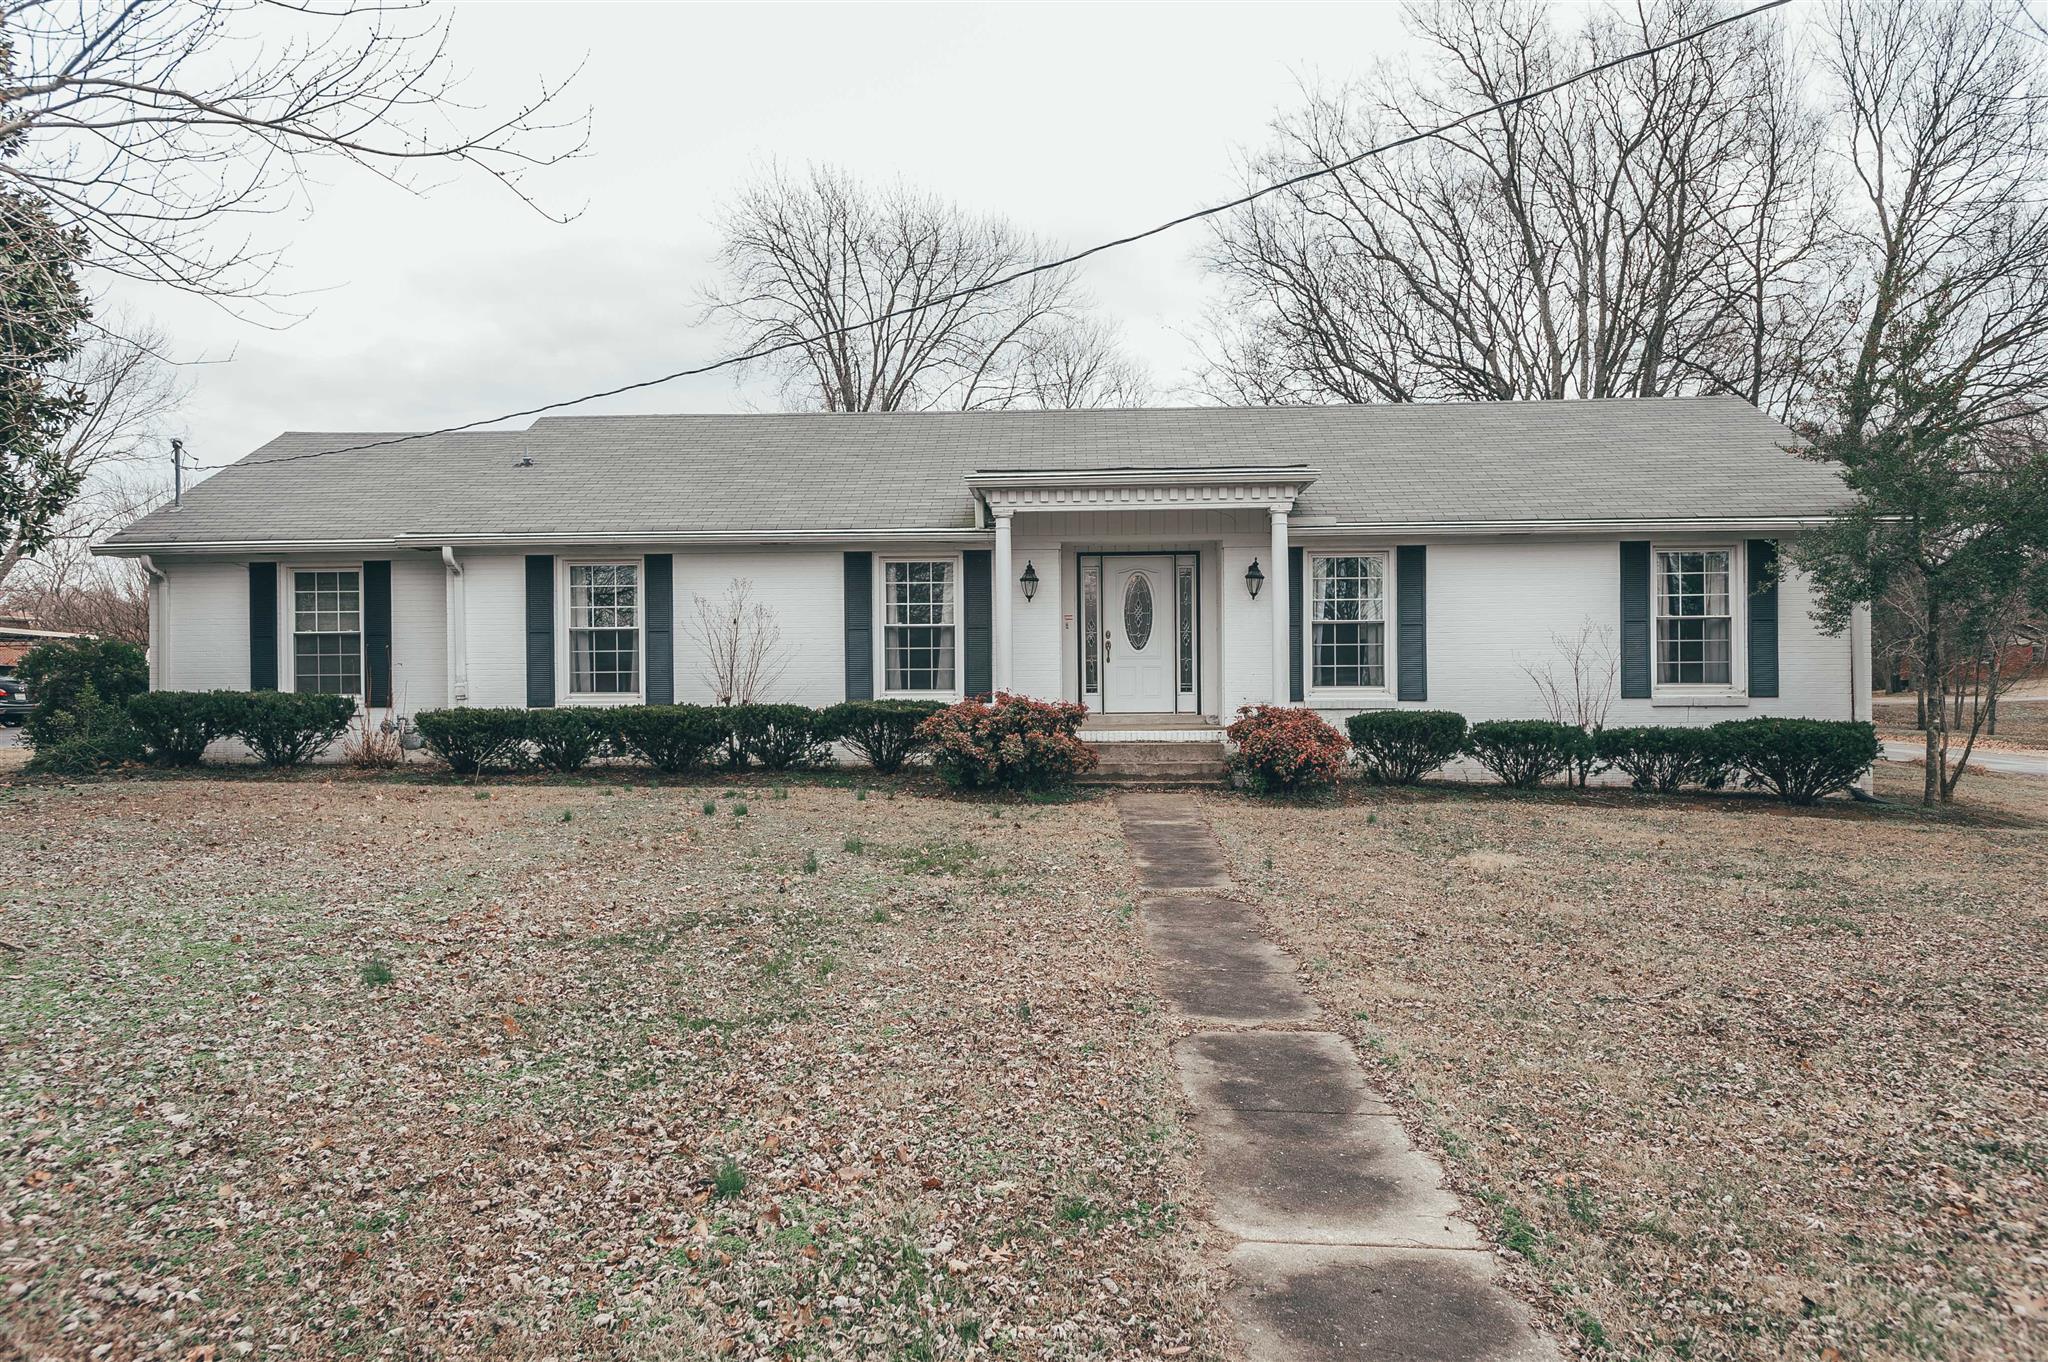 848 Britton Ave, Gallatin, TN 37066